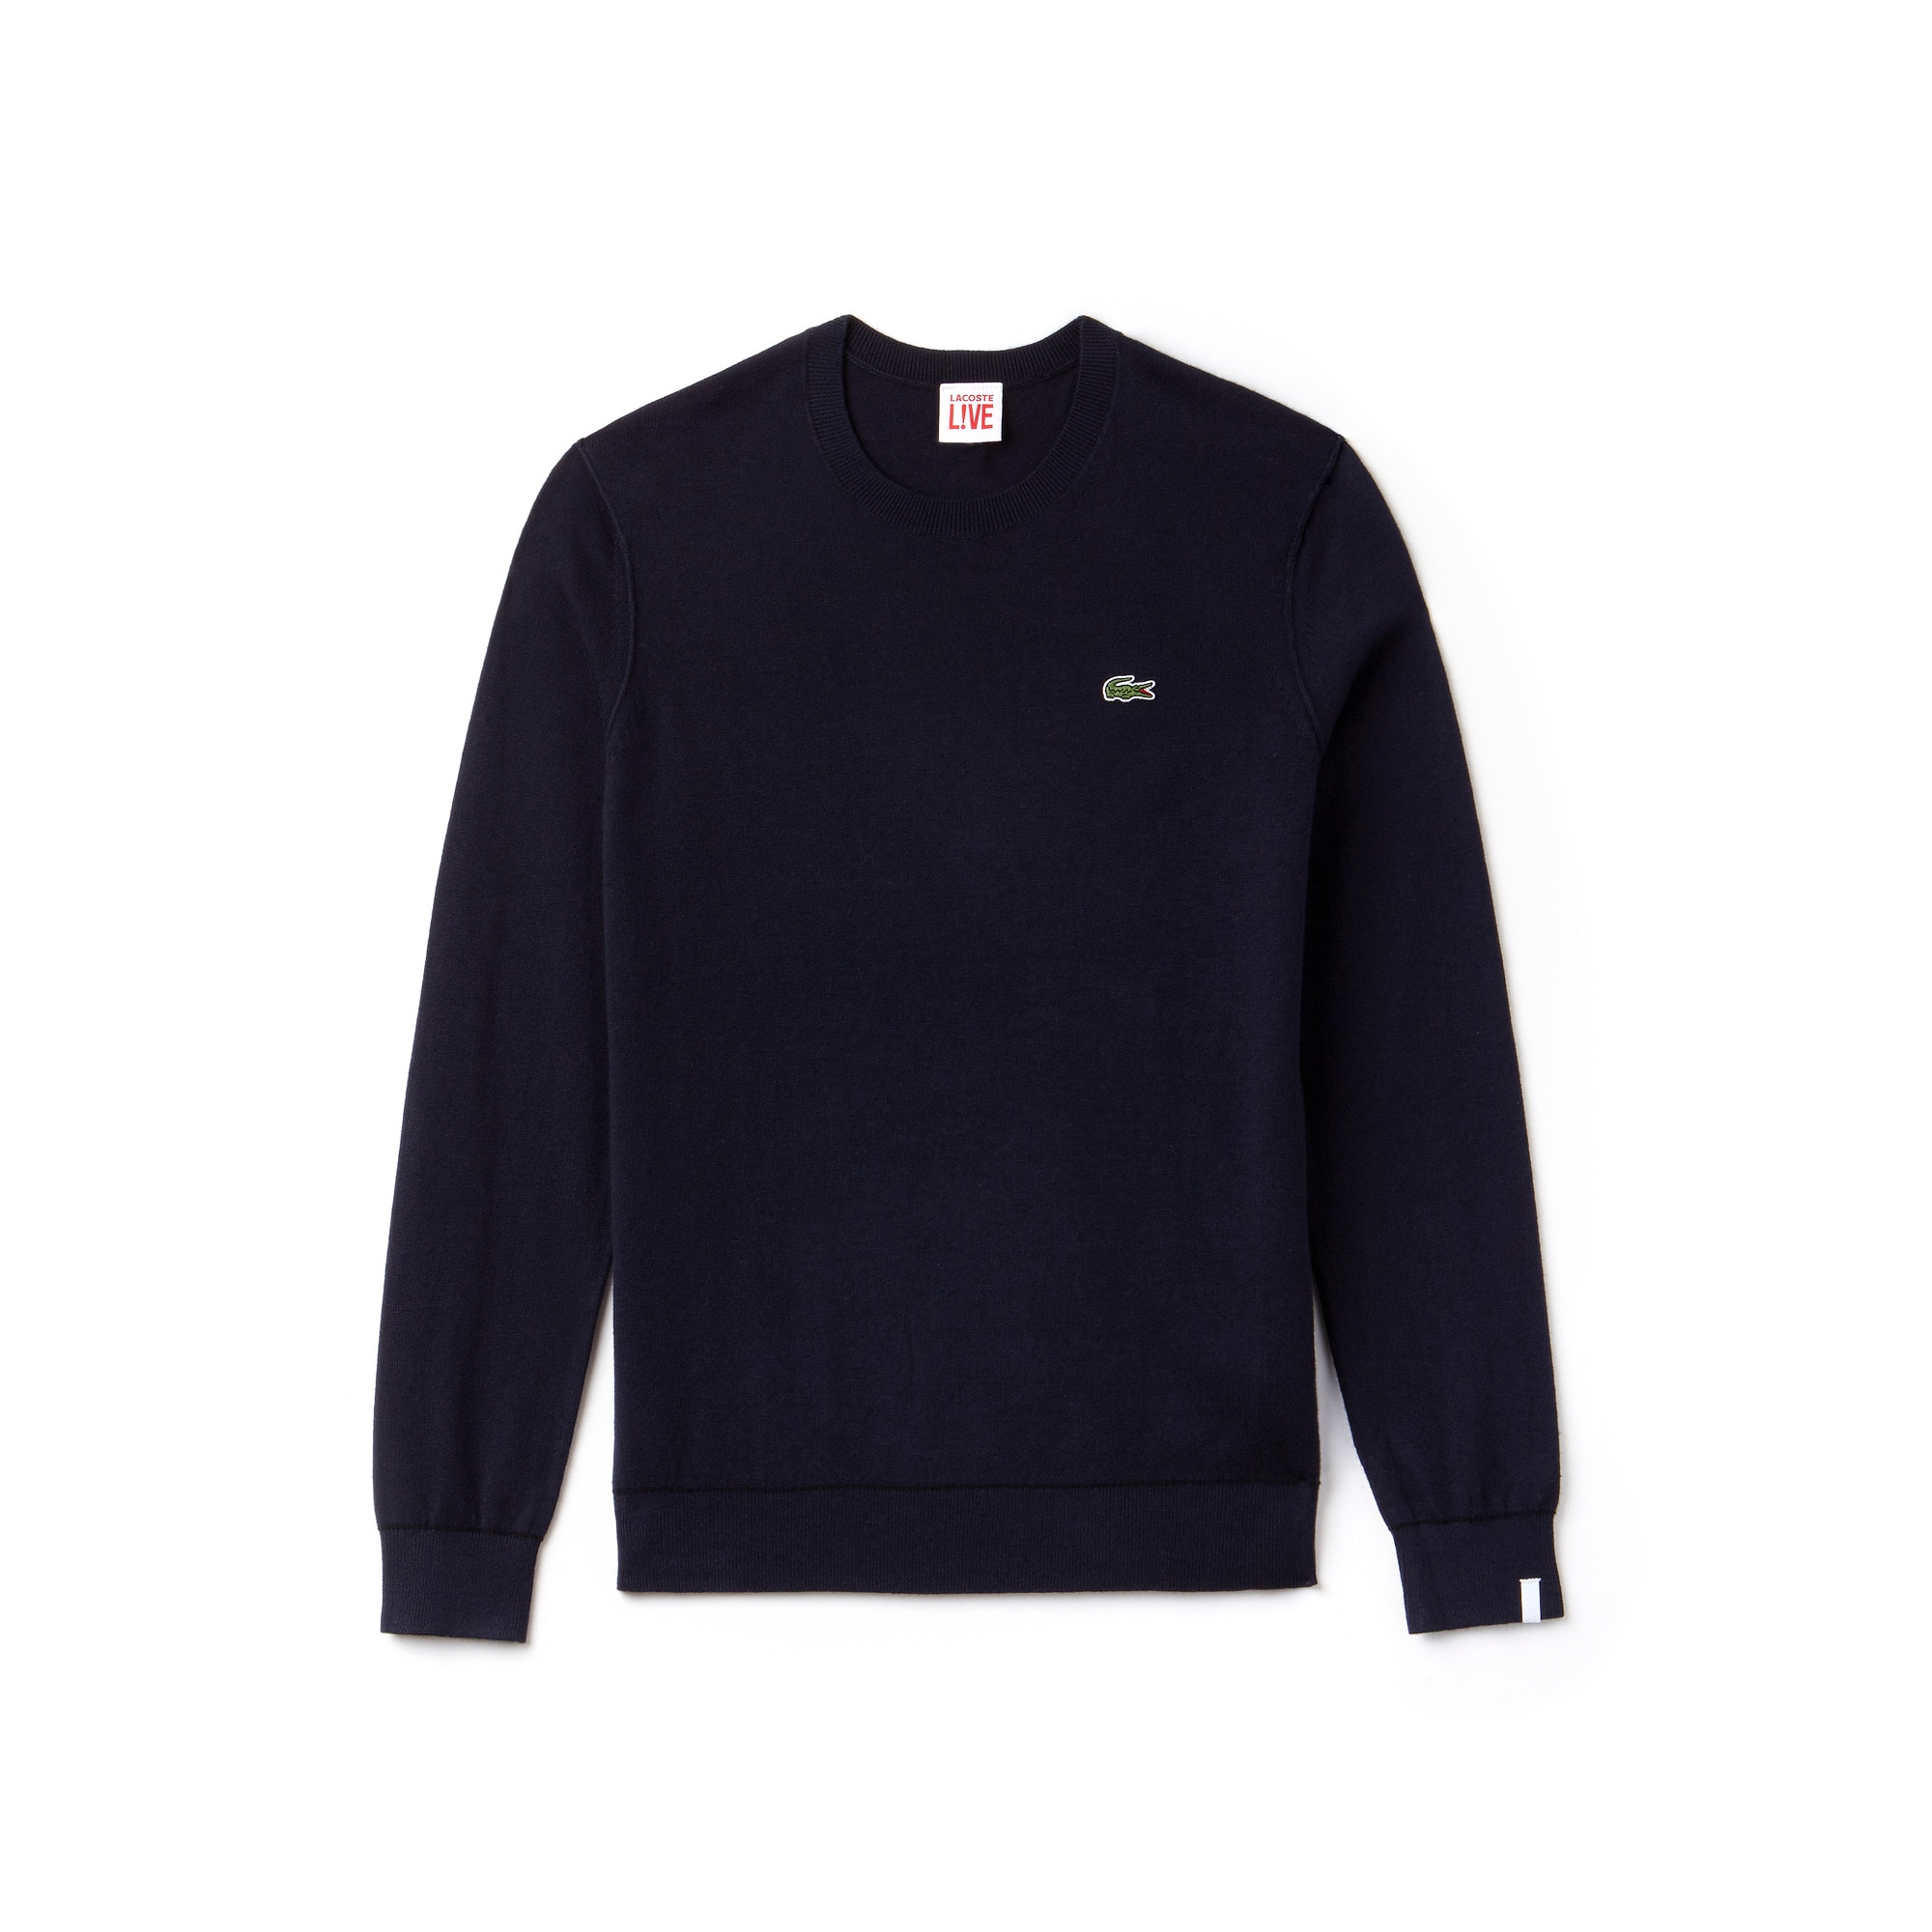 Camisola Lacoste LIVE em jersey de algodão e caxemira